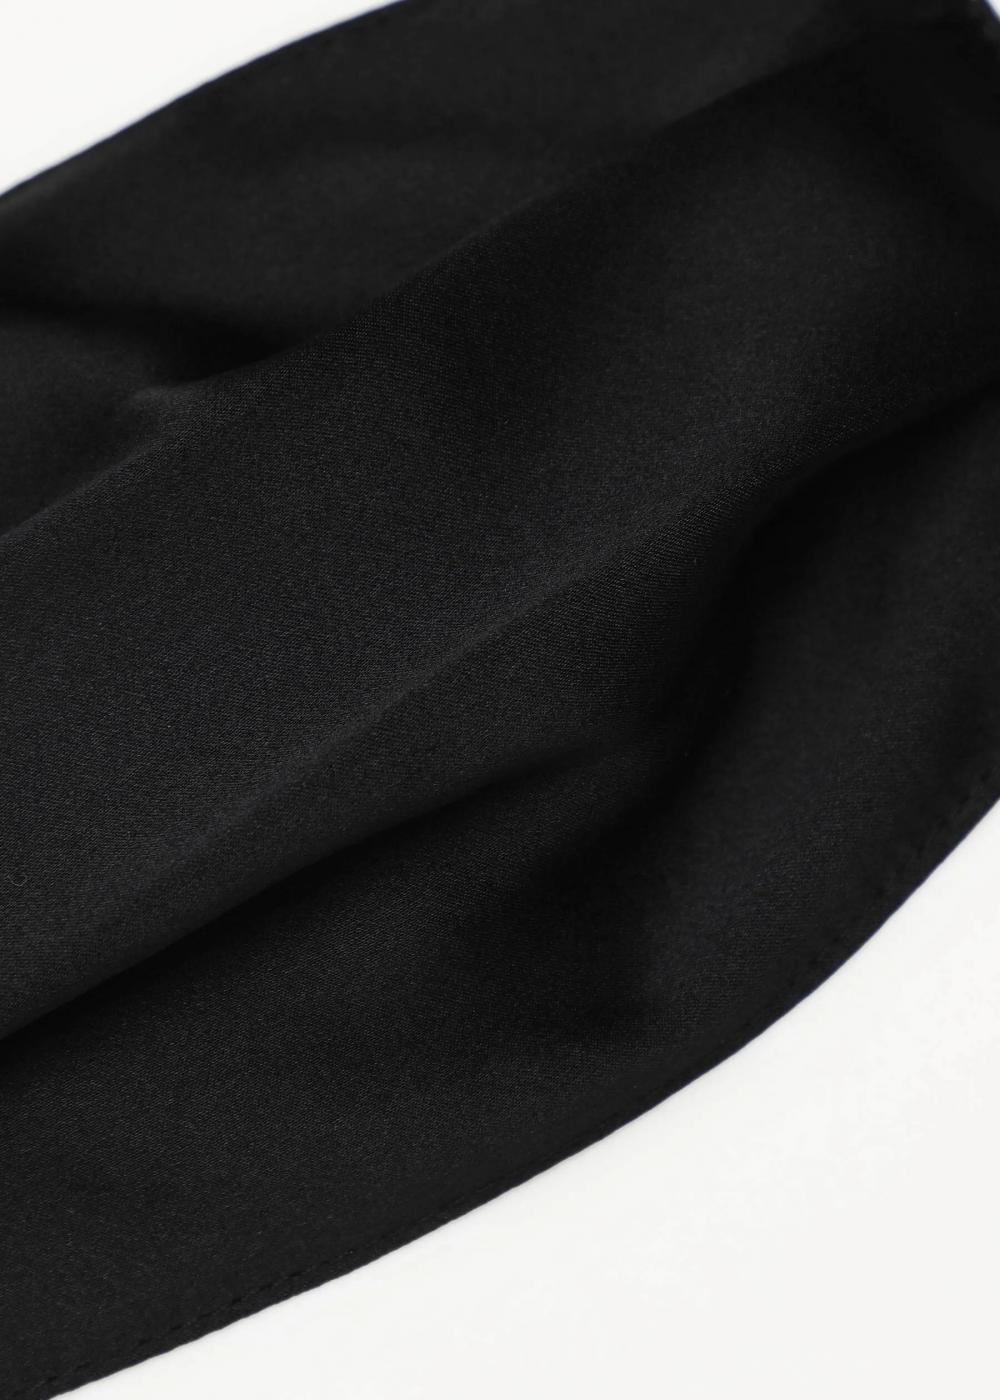 Cozy Pure Silk Gauze Mask Black 1 Pack 07 Webp Jpg